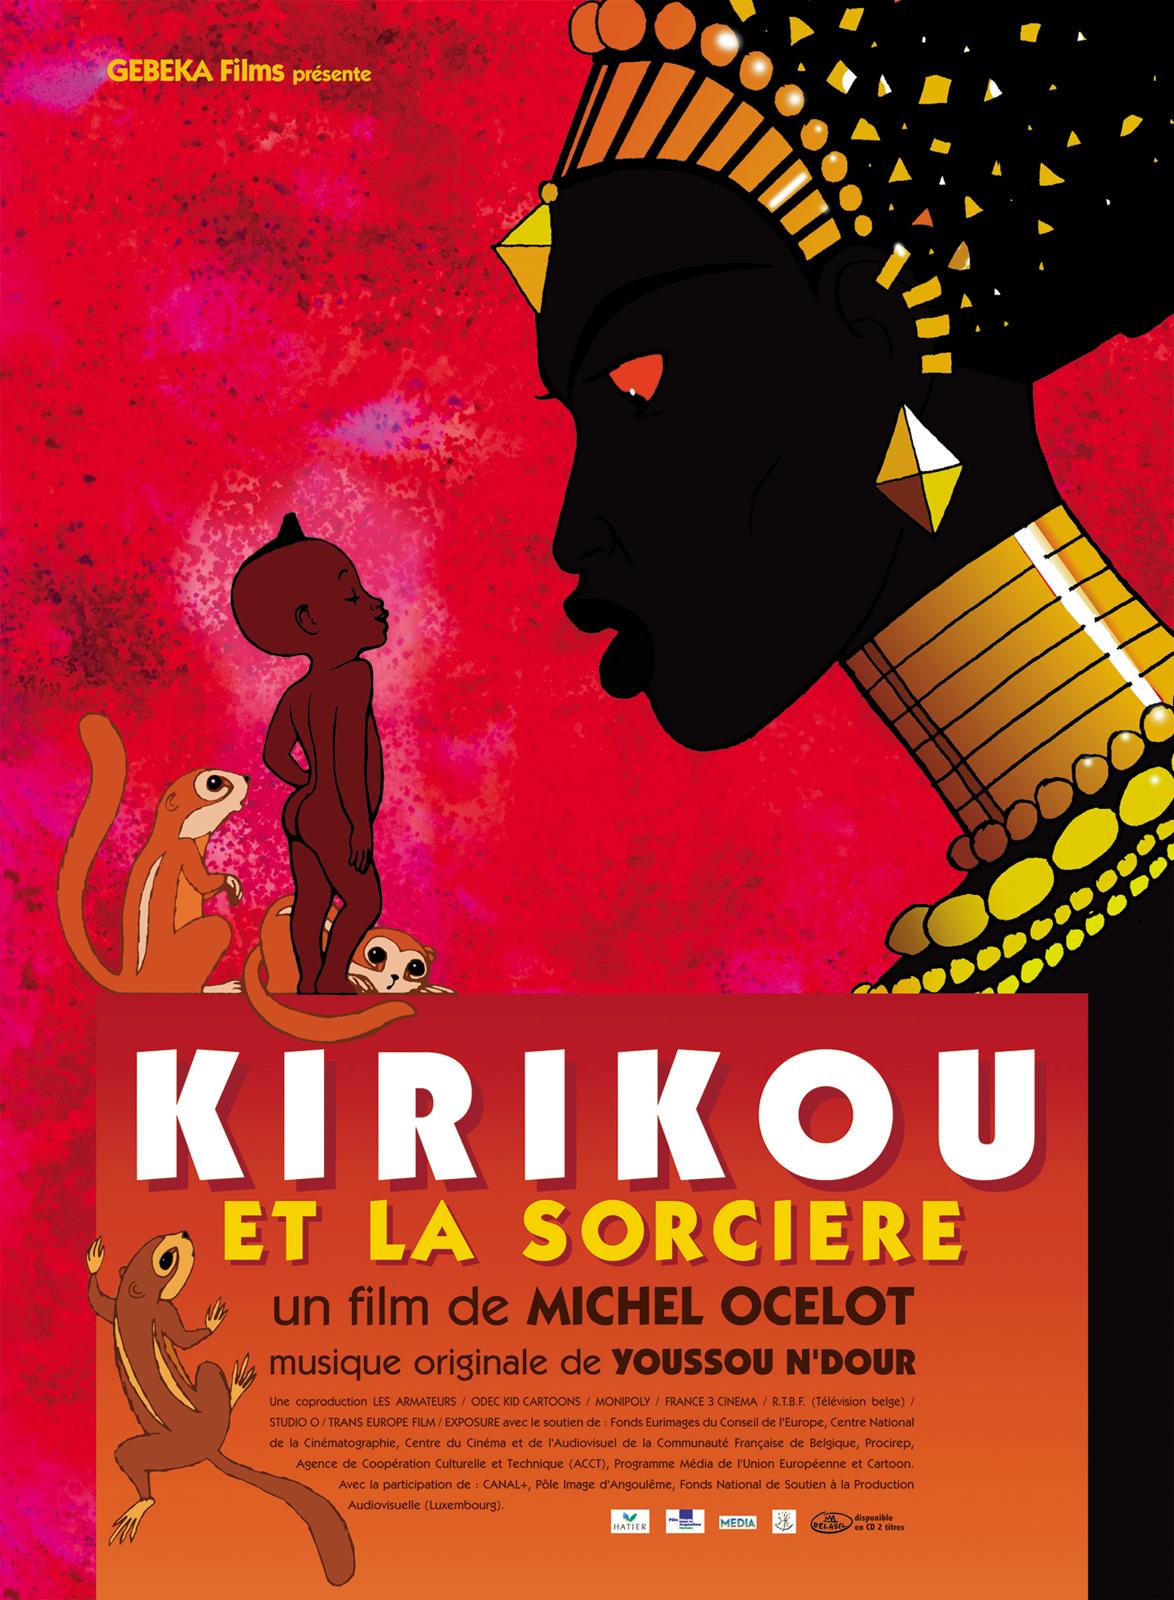 [Ciné-Villeneuve] Kirikou et la sorcière @ Espace 600